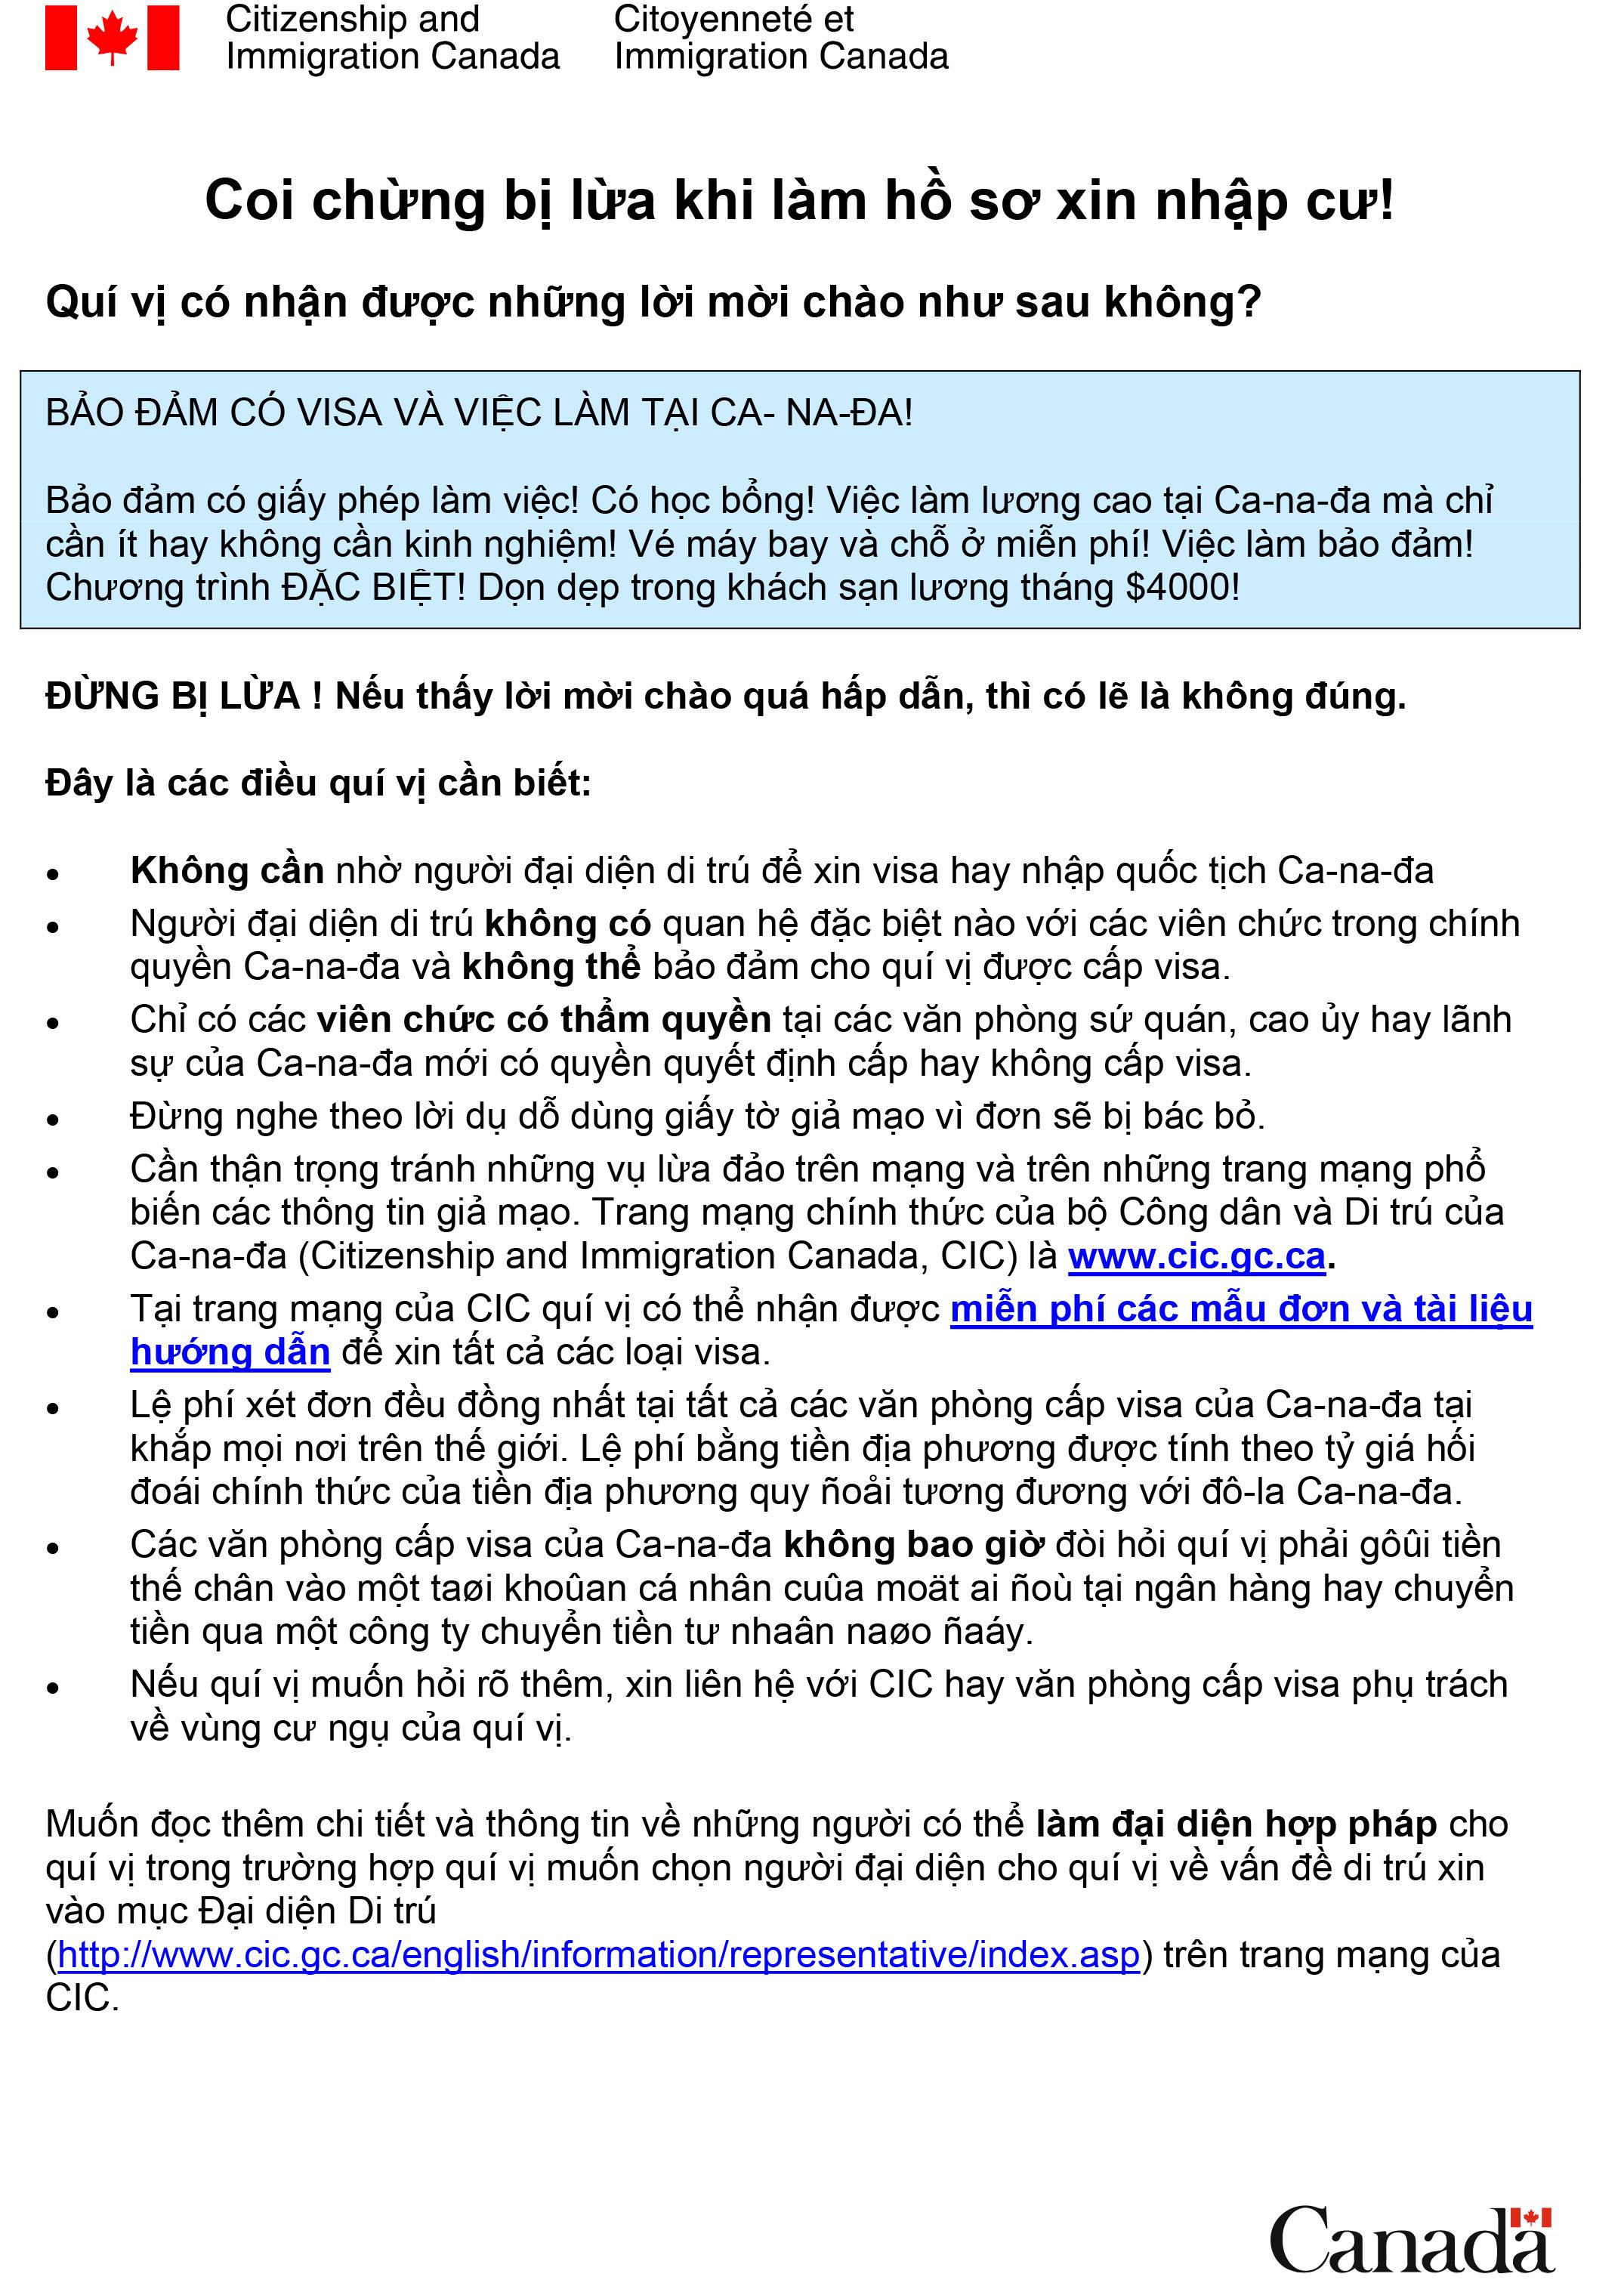 Cảnh báo lừa đảo từ CIC - Immigration Fraud Warning - Vietnamese